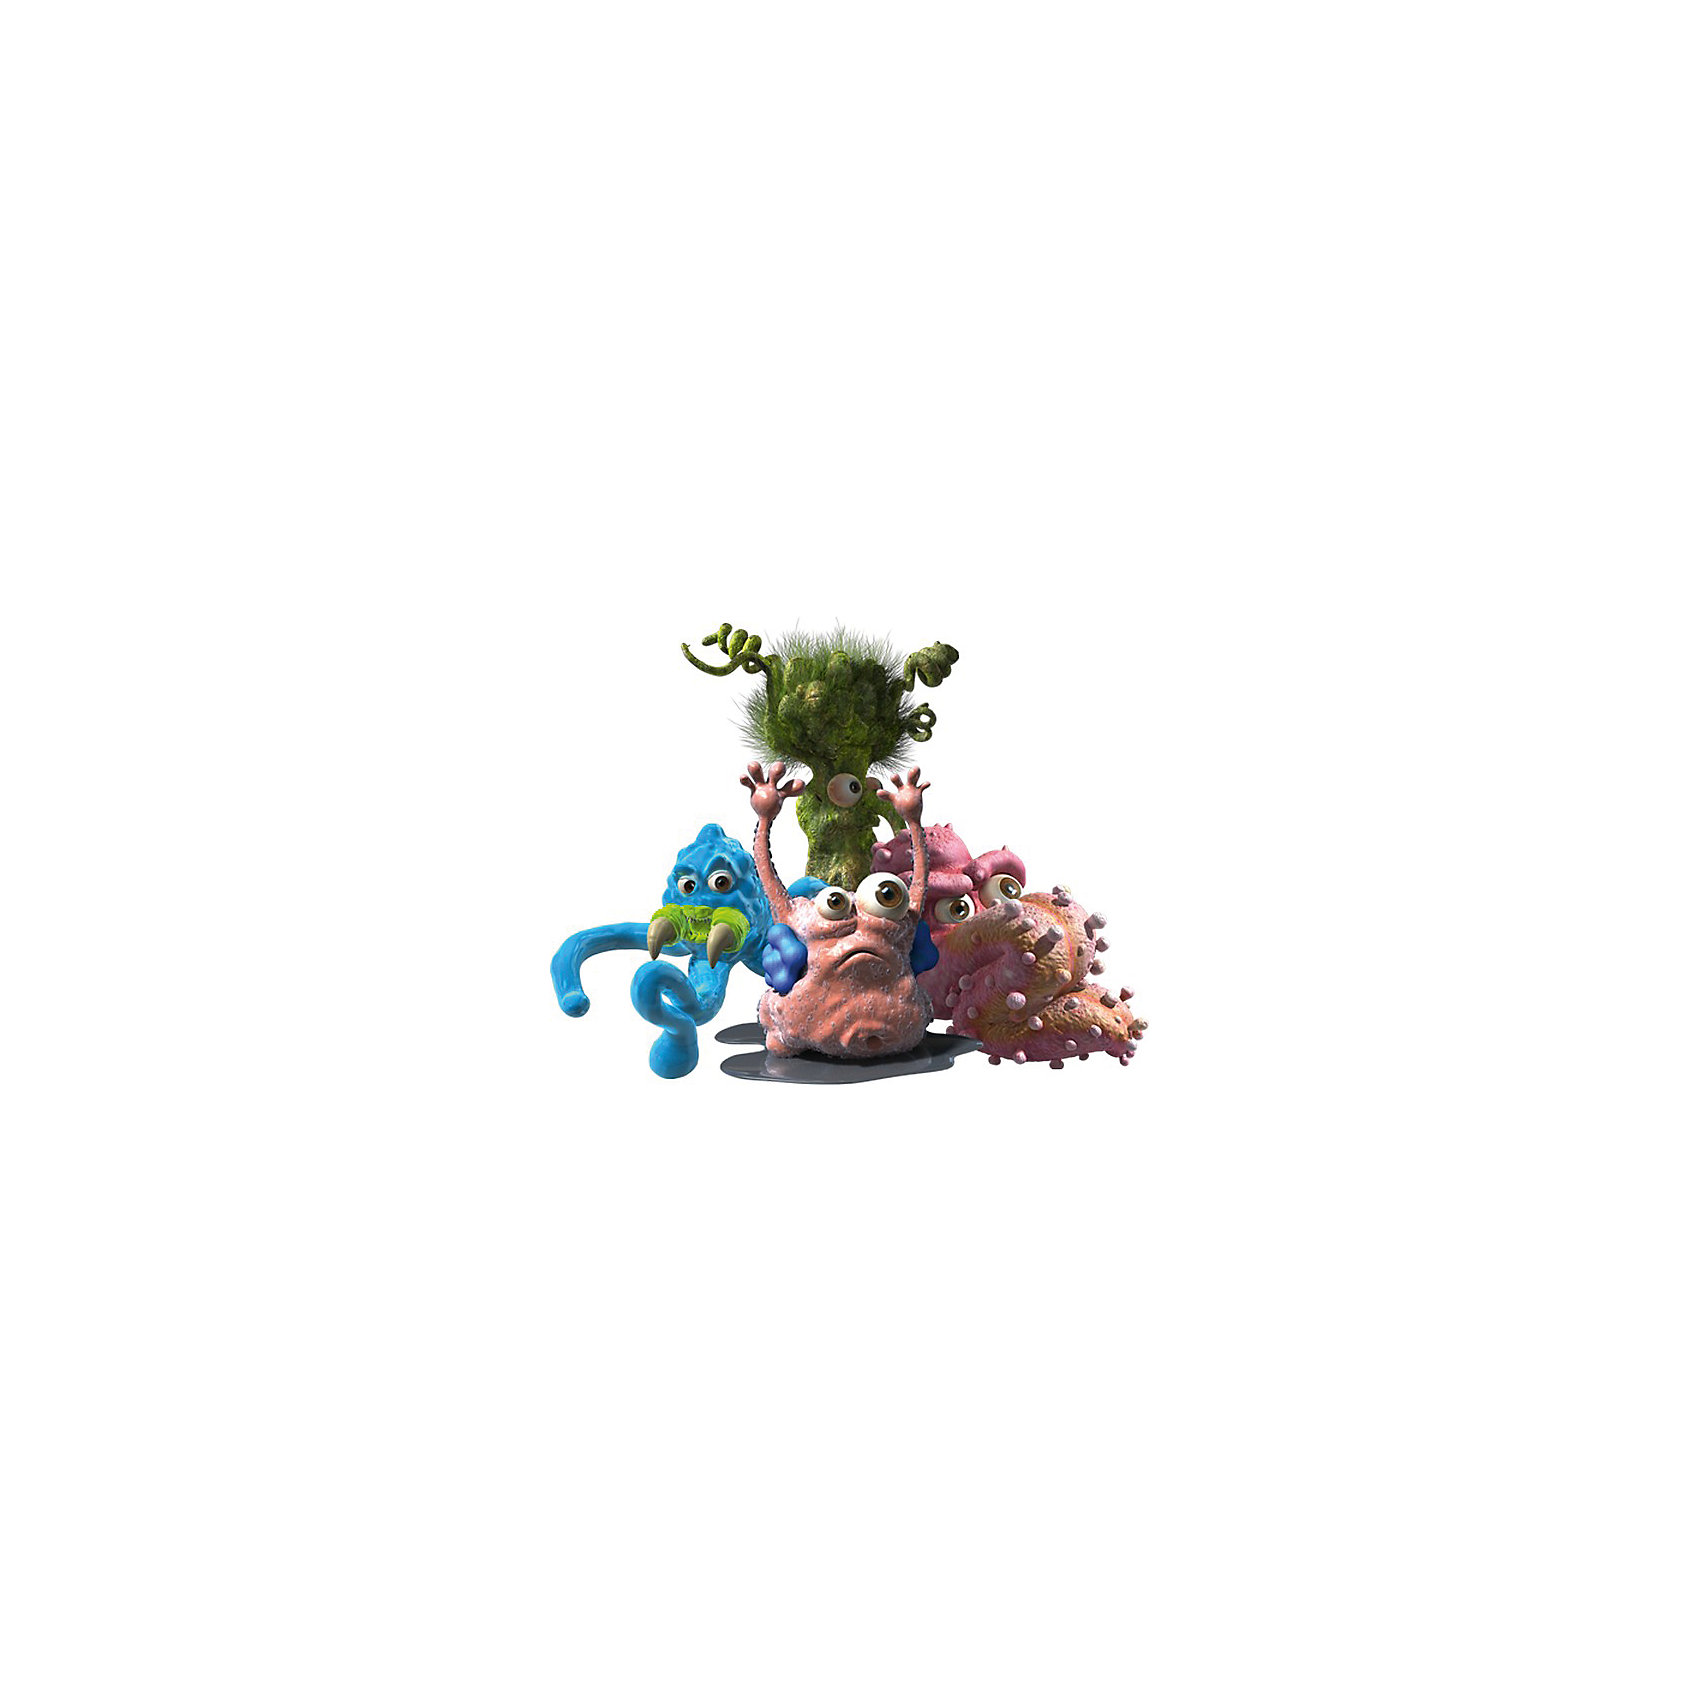 Игровой набор Мешок дезинфектора Fungus Amungus, VividИгрушечное оружие<br>Эти забавные микробы - не простые игрушки. Они сделаны из особого пластика, который можно растянуть, расплющить или прилепить к другому микробу! Игры с ними очень увлекают детей!<br>Одна игрушка - только часть большой коллекции микробов, поэтому детям будет интересно еще и коллекционировать разные фигурки. Какая игрушка попадется в этот раз - сюрприз! Материалы, использованные при изготовлении игрушек, полностью безопасны для детей и отвечают всем требованиям по качеству.<br><br>Дополнительная информация: <br><br>цвет: разноцветный;<br>материал: гибкий пластик.<br>высота игрушки: 3,5 см;<br><br>Игровой набор Мешок дезинфектора Fungus Amungus от компании Vivid можно приобрести в нашем магазине.<br><br>Ширина мм: 65<br>Глубина мм: 108<br>Высота мм: 28<br>Вес г: 10<br>Возраст от месяцев: 48<br>Возраст до месяцев: 120<br>Пол: Мужской<br>Возраст: Детский<br>SKU: 4983801